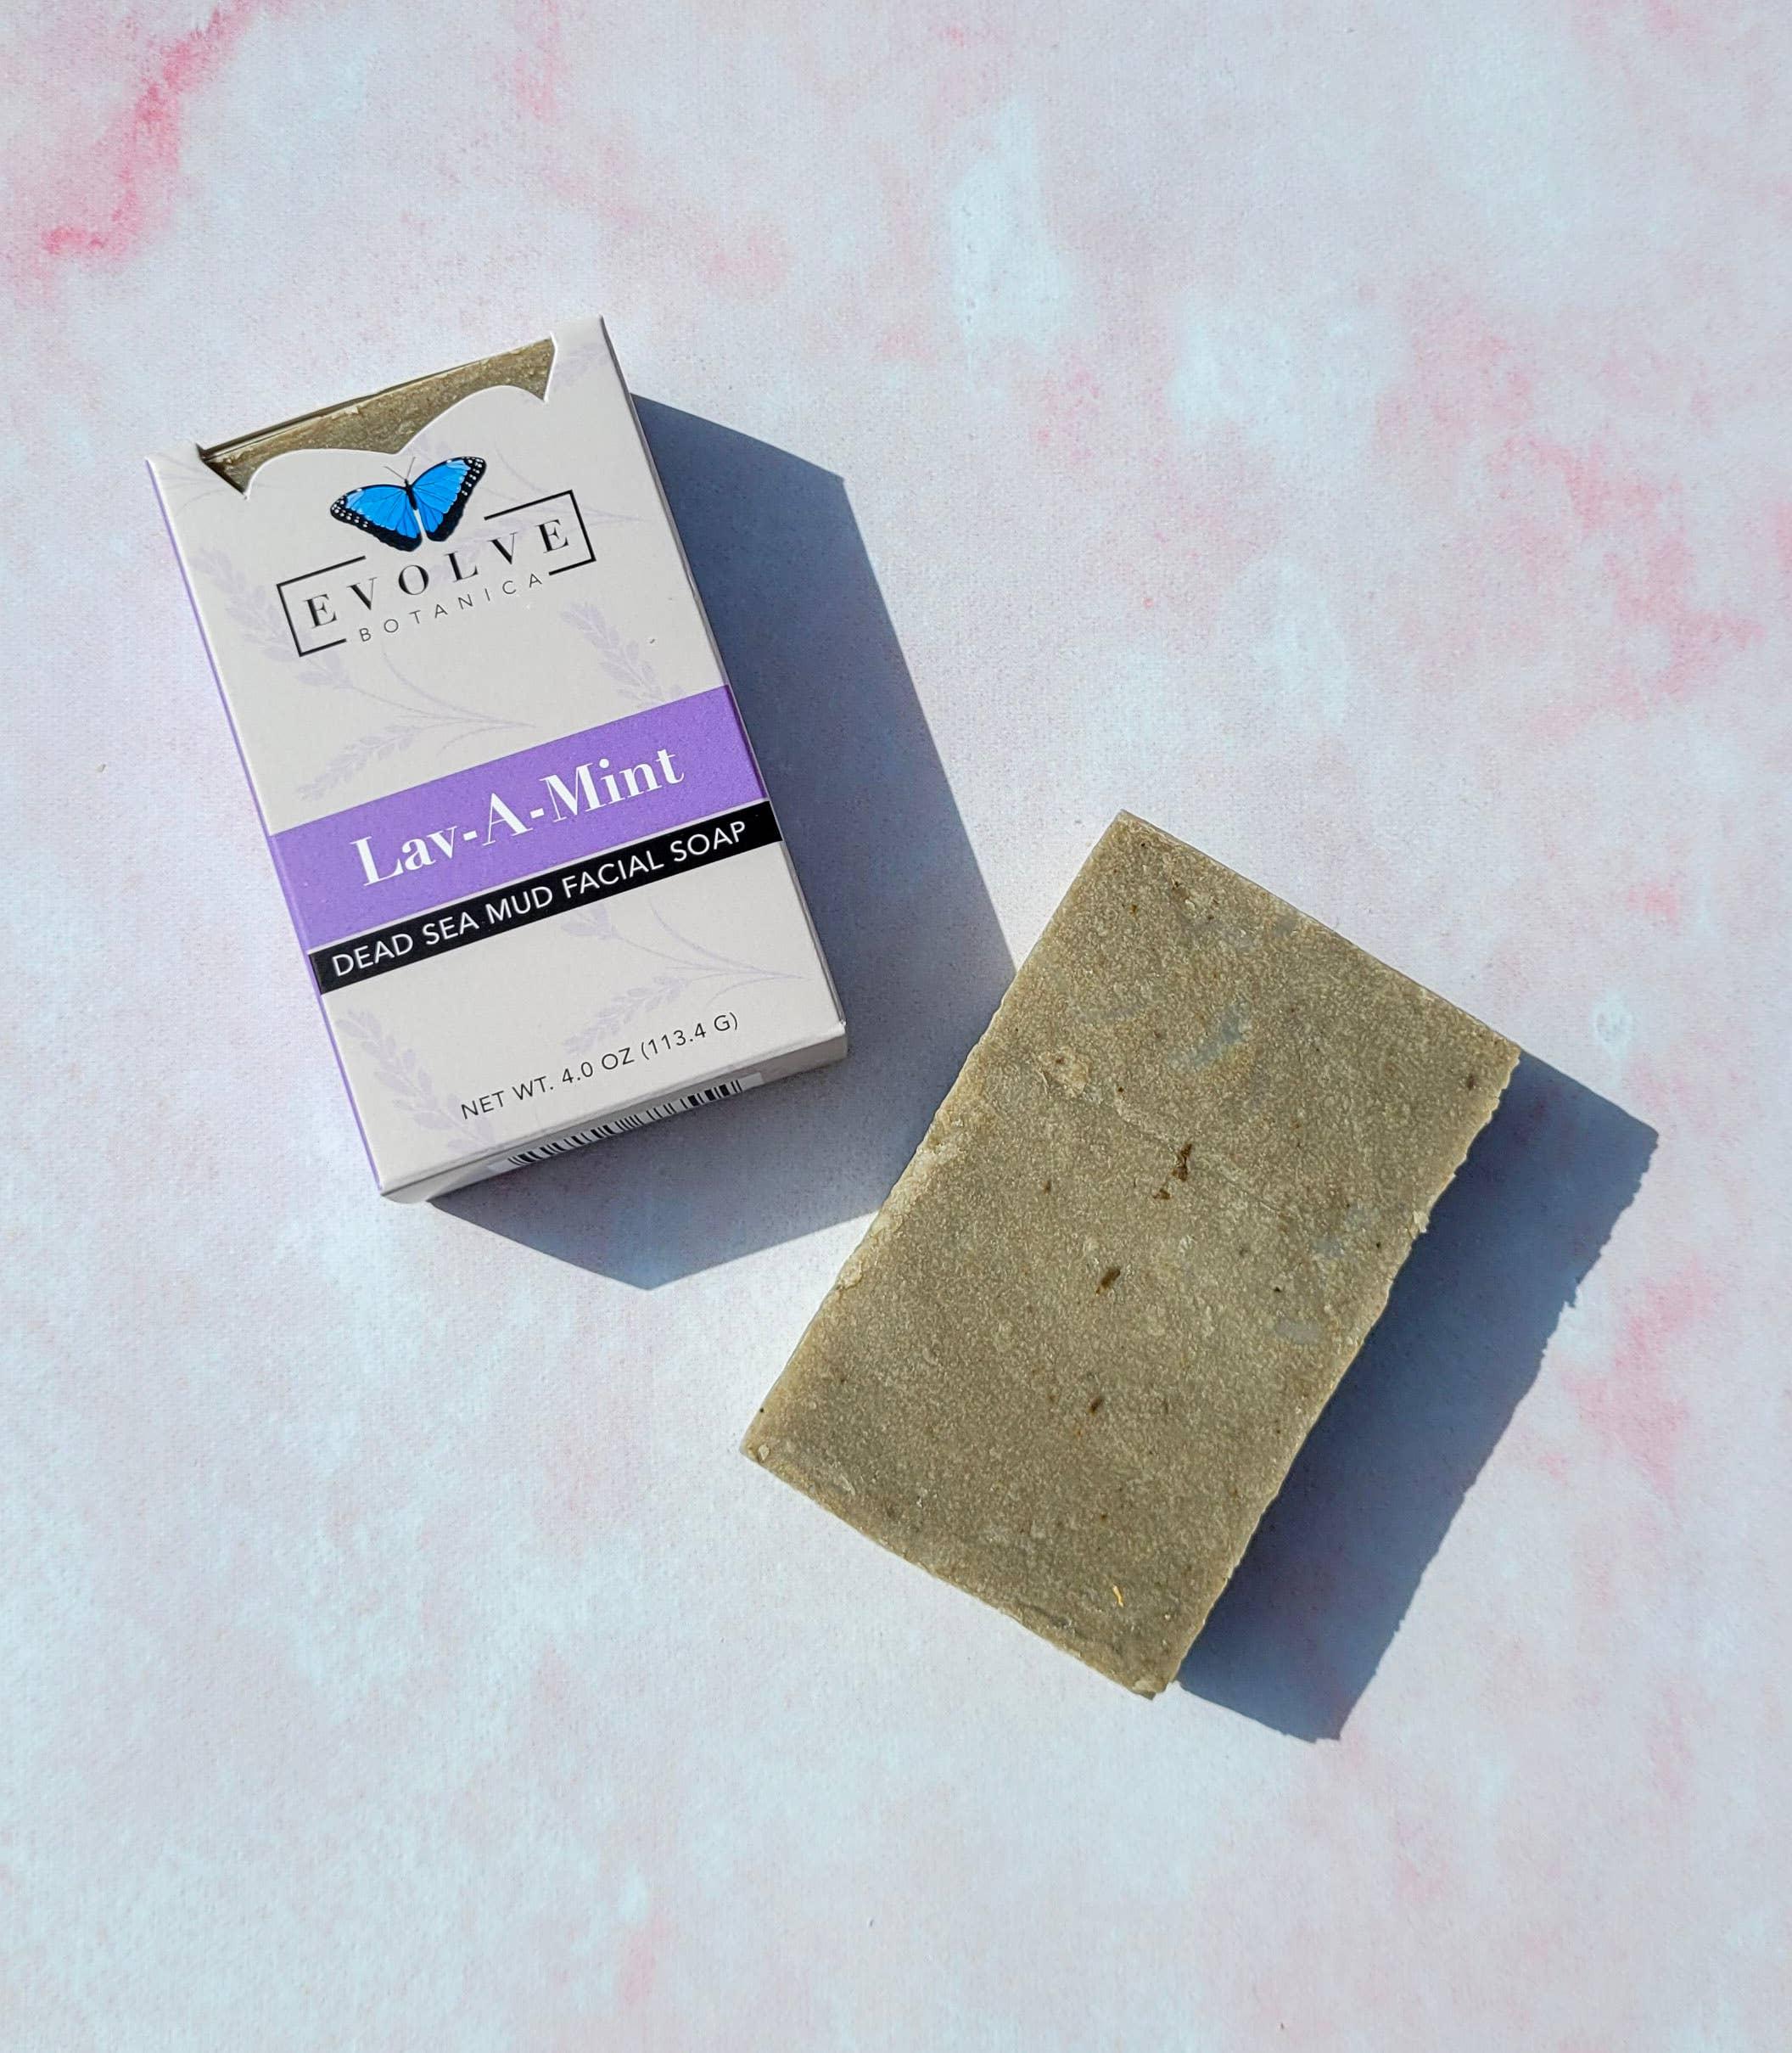 Evolve - Standard Soap - Lav-A-Mint Dead Sea Mud (Facial) | Trada Marketplace